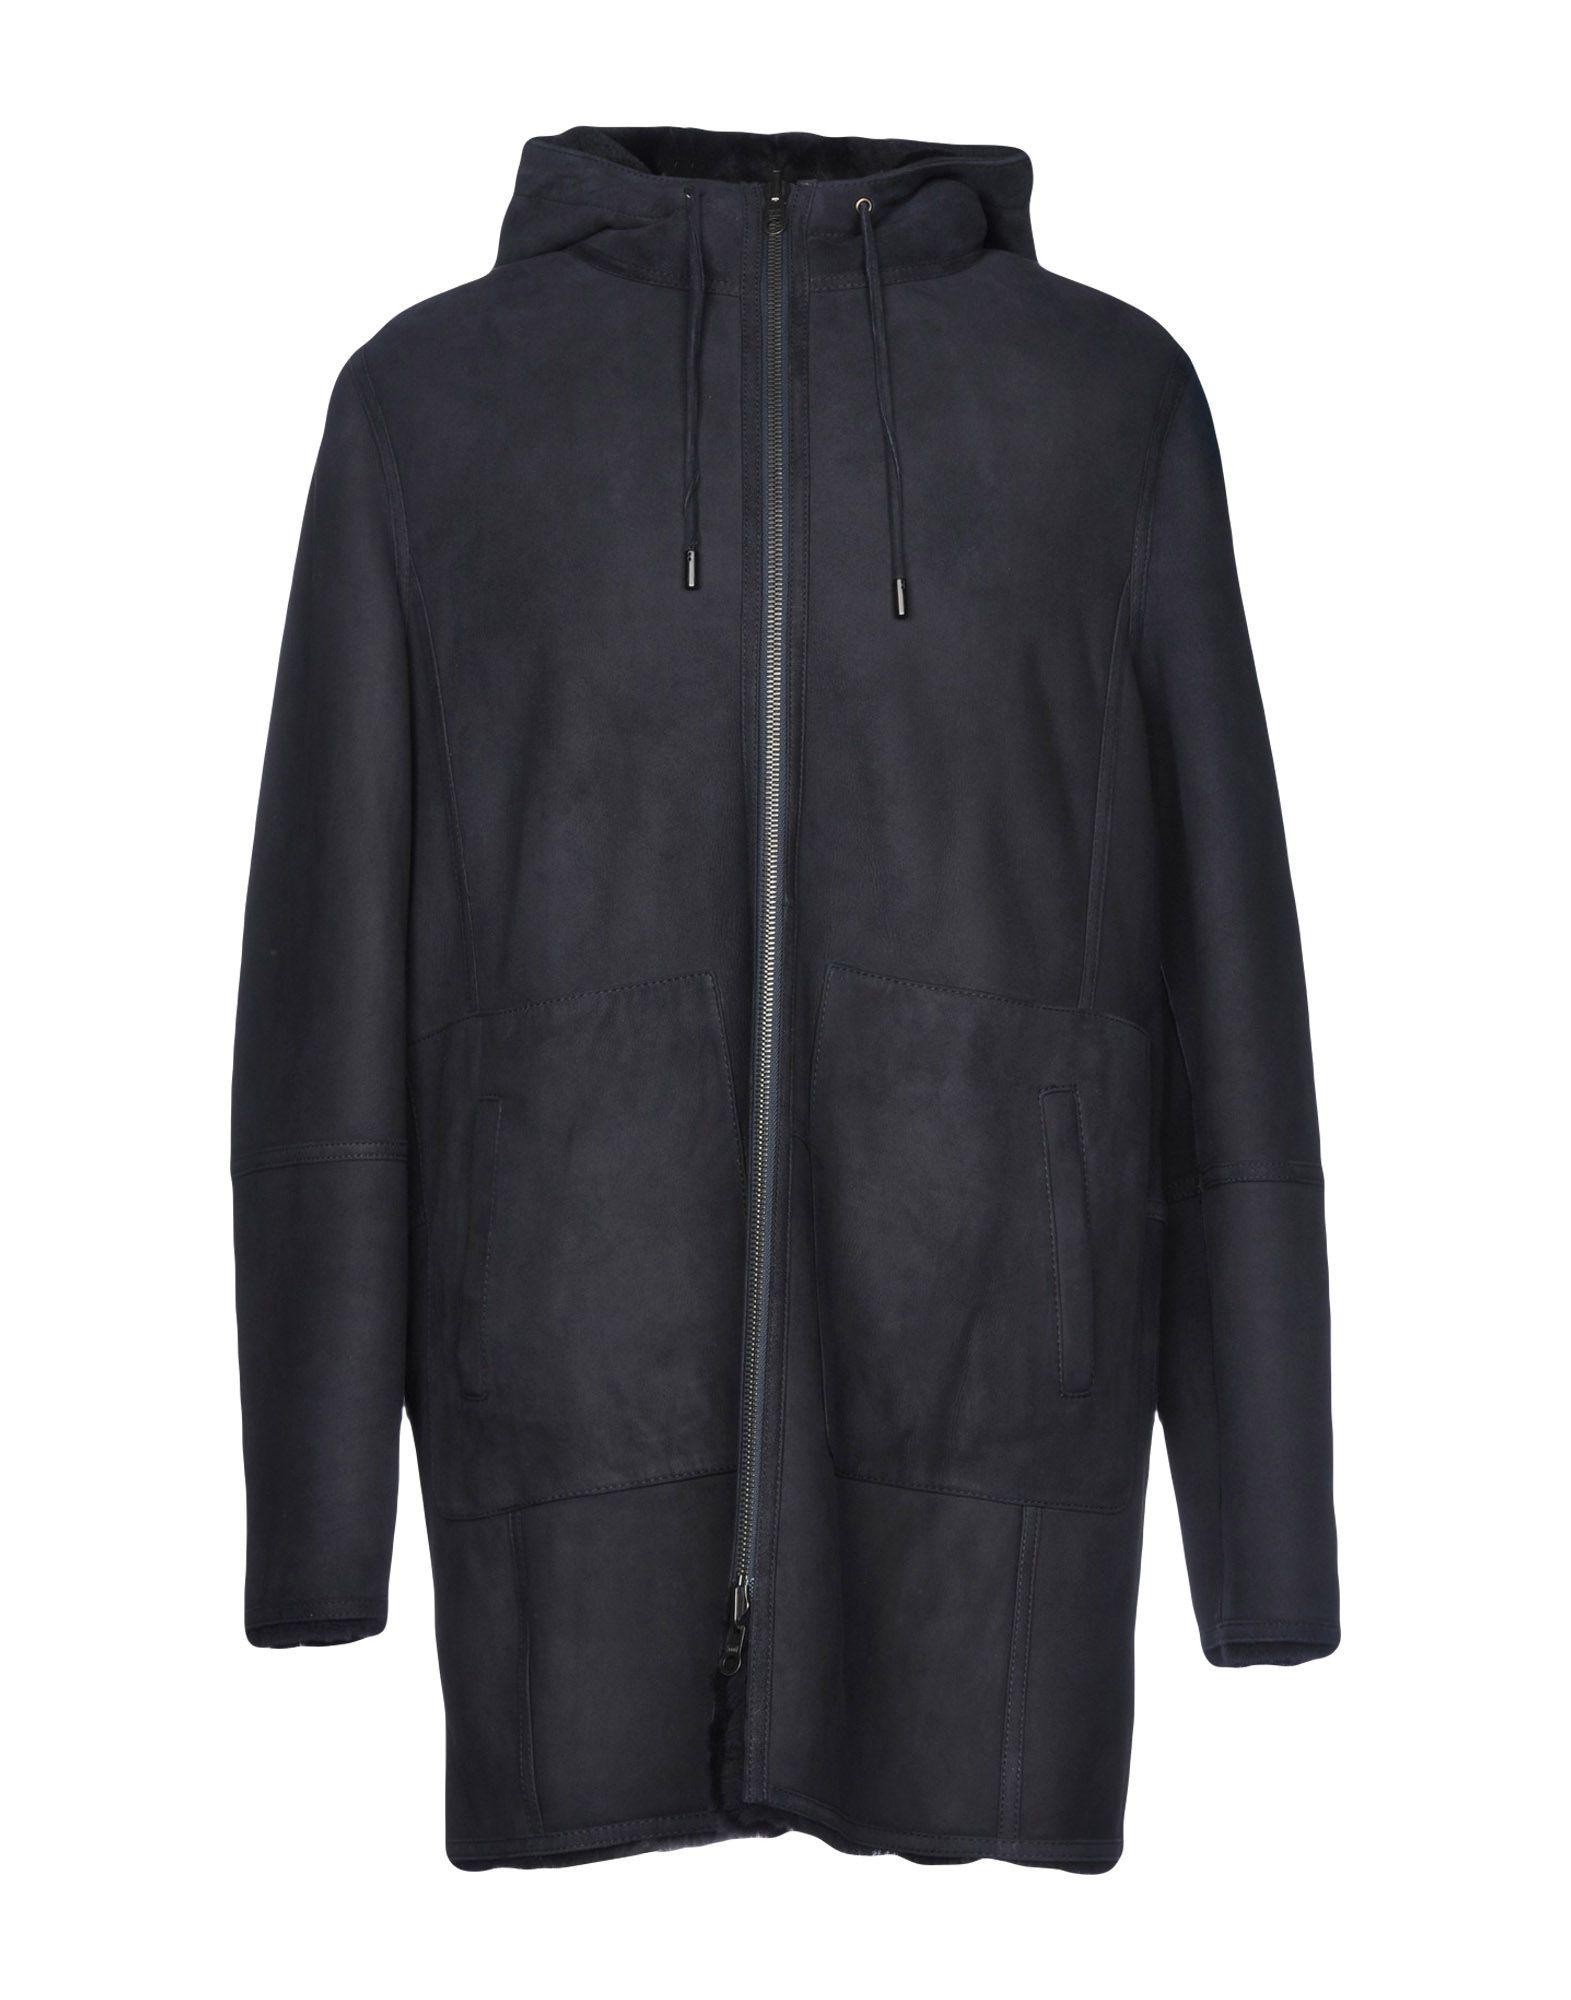 《送料無料》DESA NINETEENSEVENTYTWO メンズ コート ダークブルー 58 羊革(ラムスキン) 100%